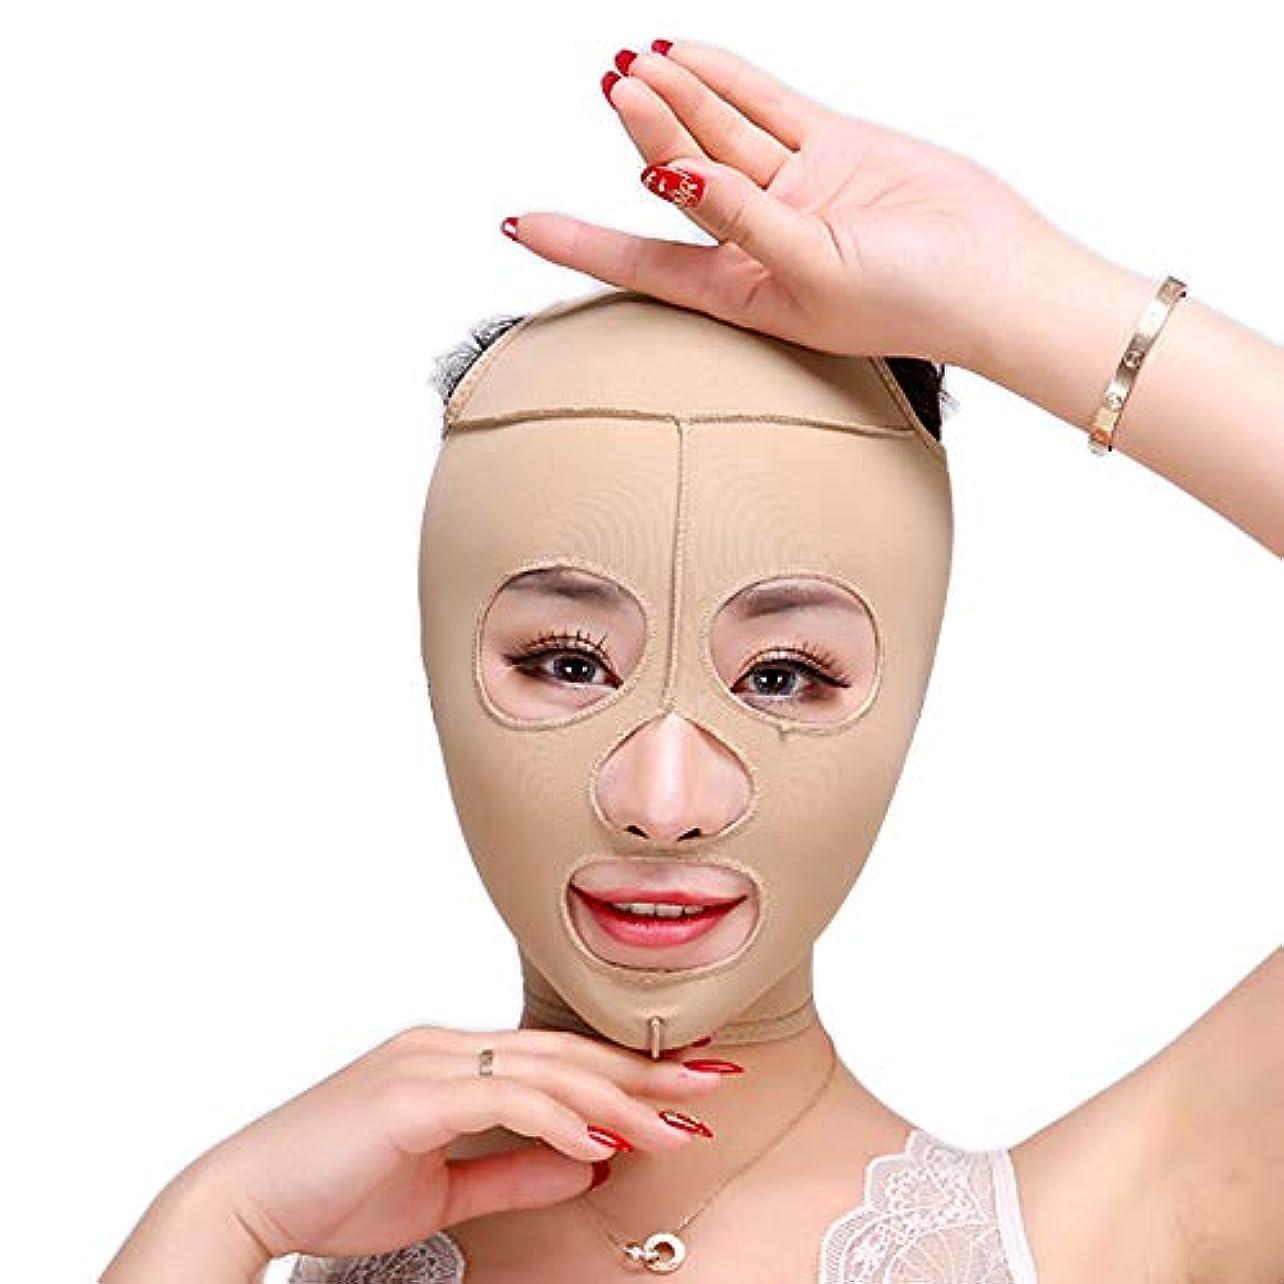 より多いトンプランテーション顔を細くするためのフェイスリフトフルマスク、抗シワグルーミングレジューサスキン引き締めフェイシャルケアフェイスベルト,L